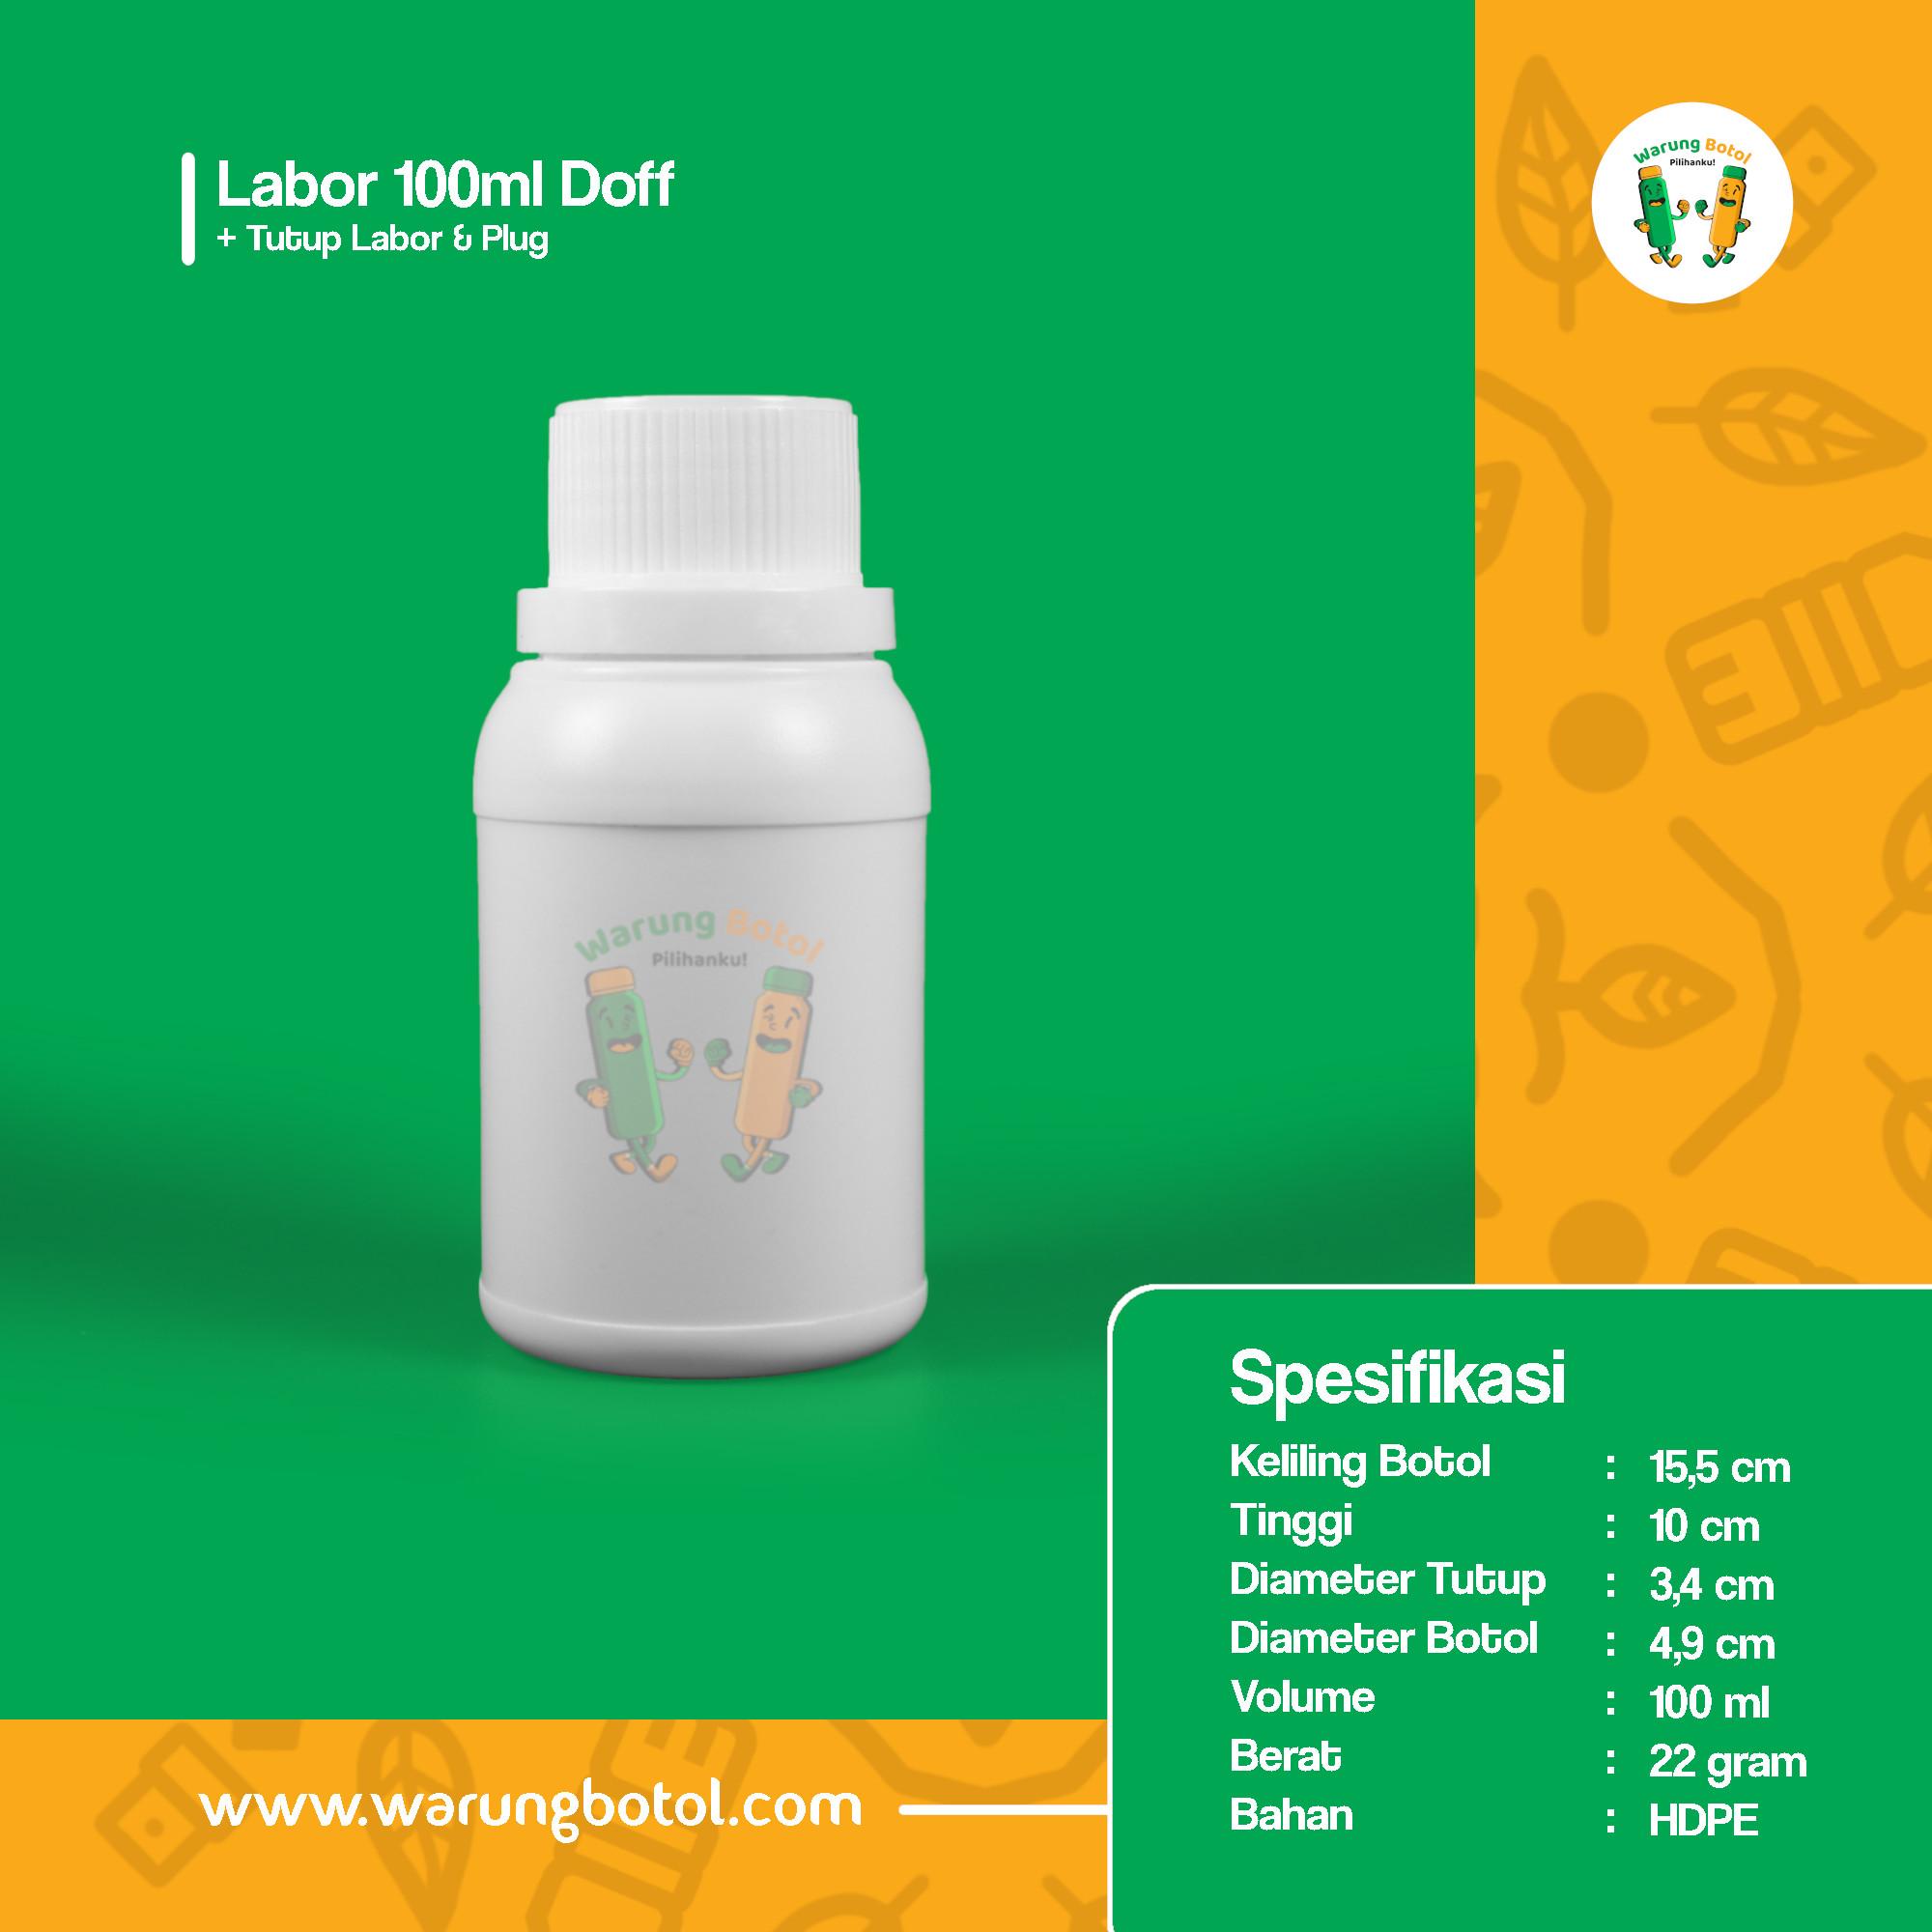 distributor toko jual botol plastik labor untuk bahan kimia 100ml putih murah terdekat bandung jakarta bogor bekasi